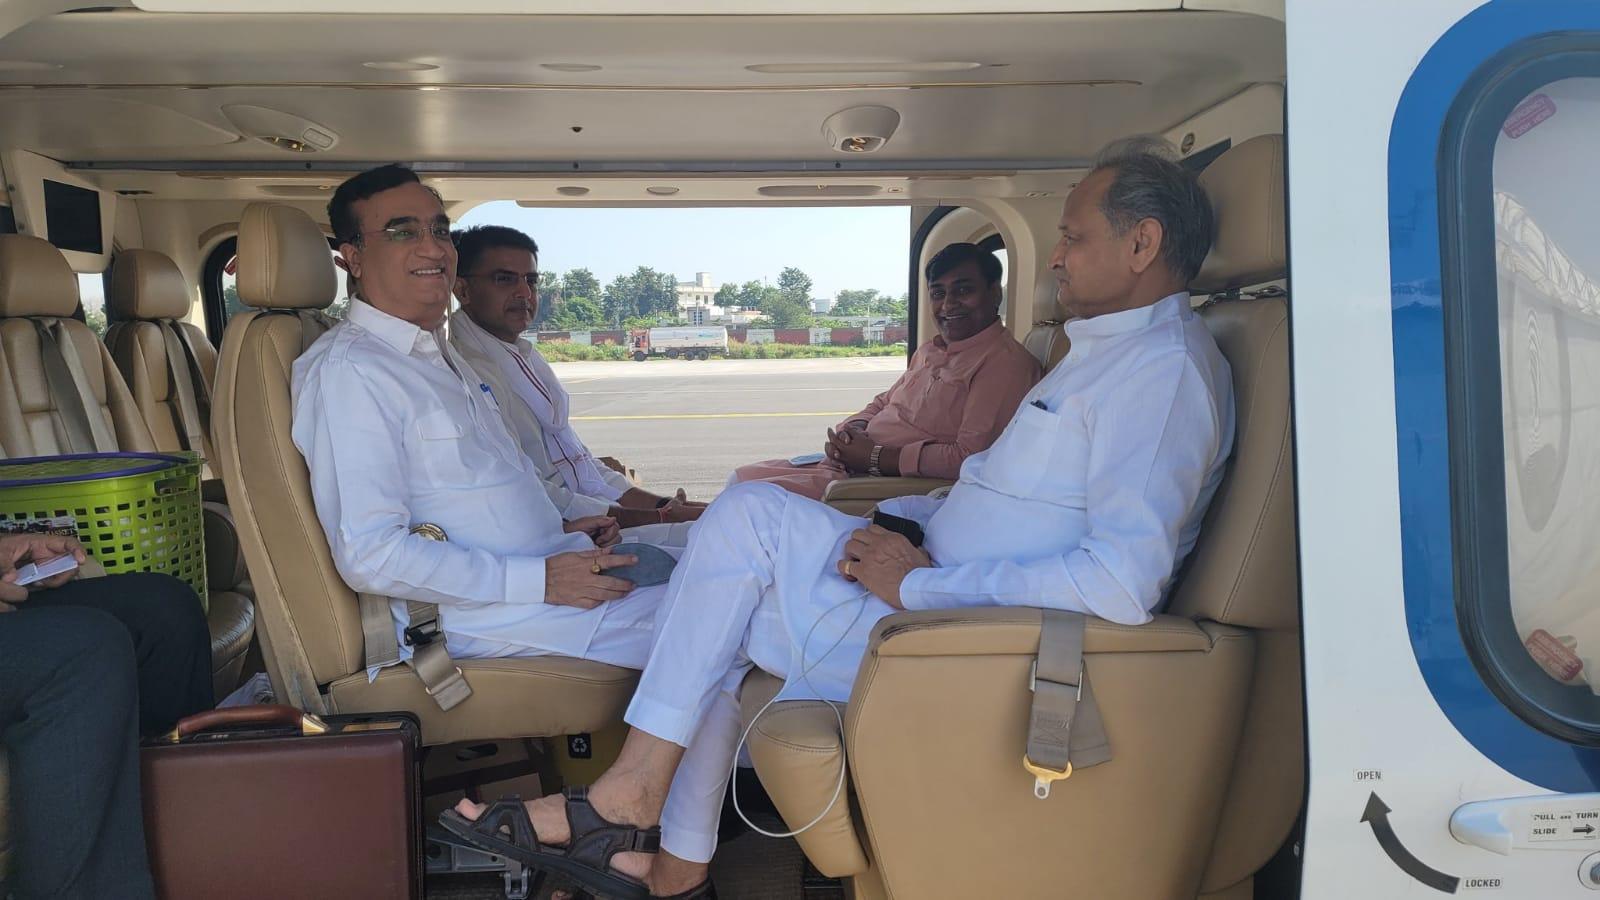 गहलोत-पायलट, माकन और डोटासरा एक हेलिकॉटर से रवाना, एकजुटता दिखाने वाला फोटो शेयर किया; 8 दिन में 7 बार बढ़ी पेट्रोल-डीजल की कीमत|राजस्थान,Rajasthan - Dainik Bhaskar